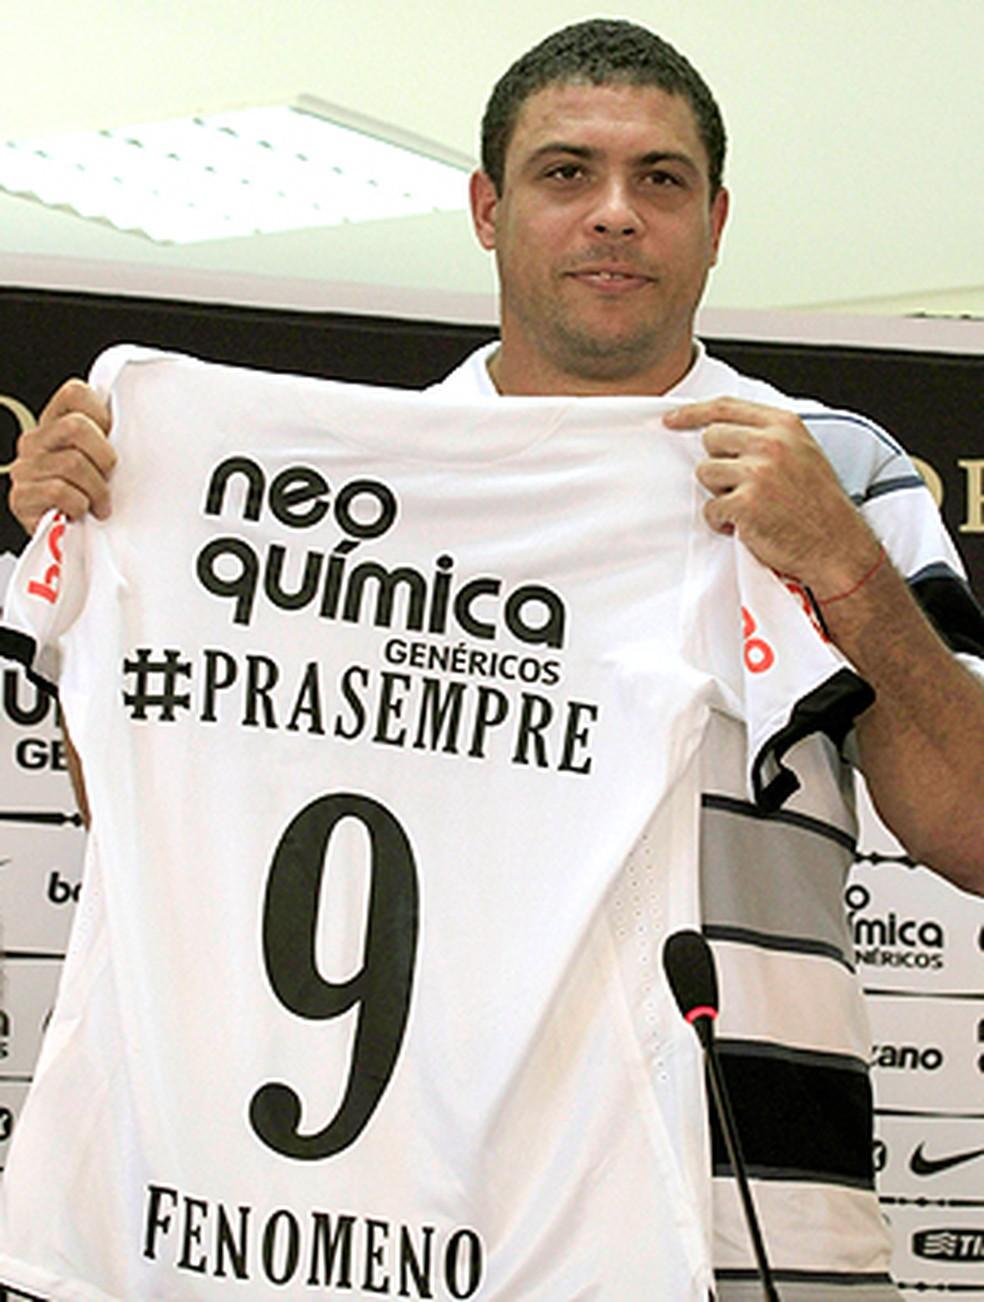 Camisa do Corinthians que Ronaldo ganhou no dia de sua aposentadoria — Foto: Daniel Augusto Jr/Ag. Corinthians